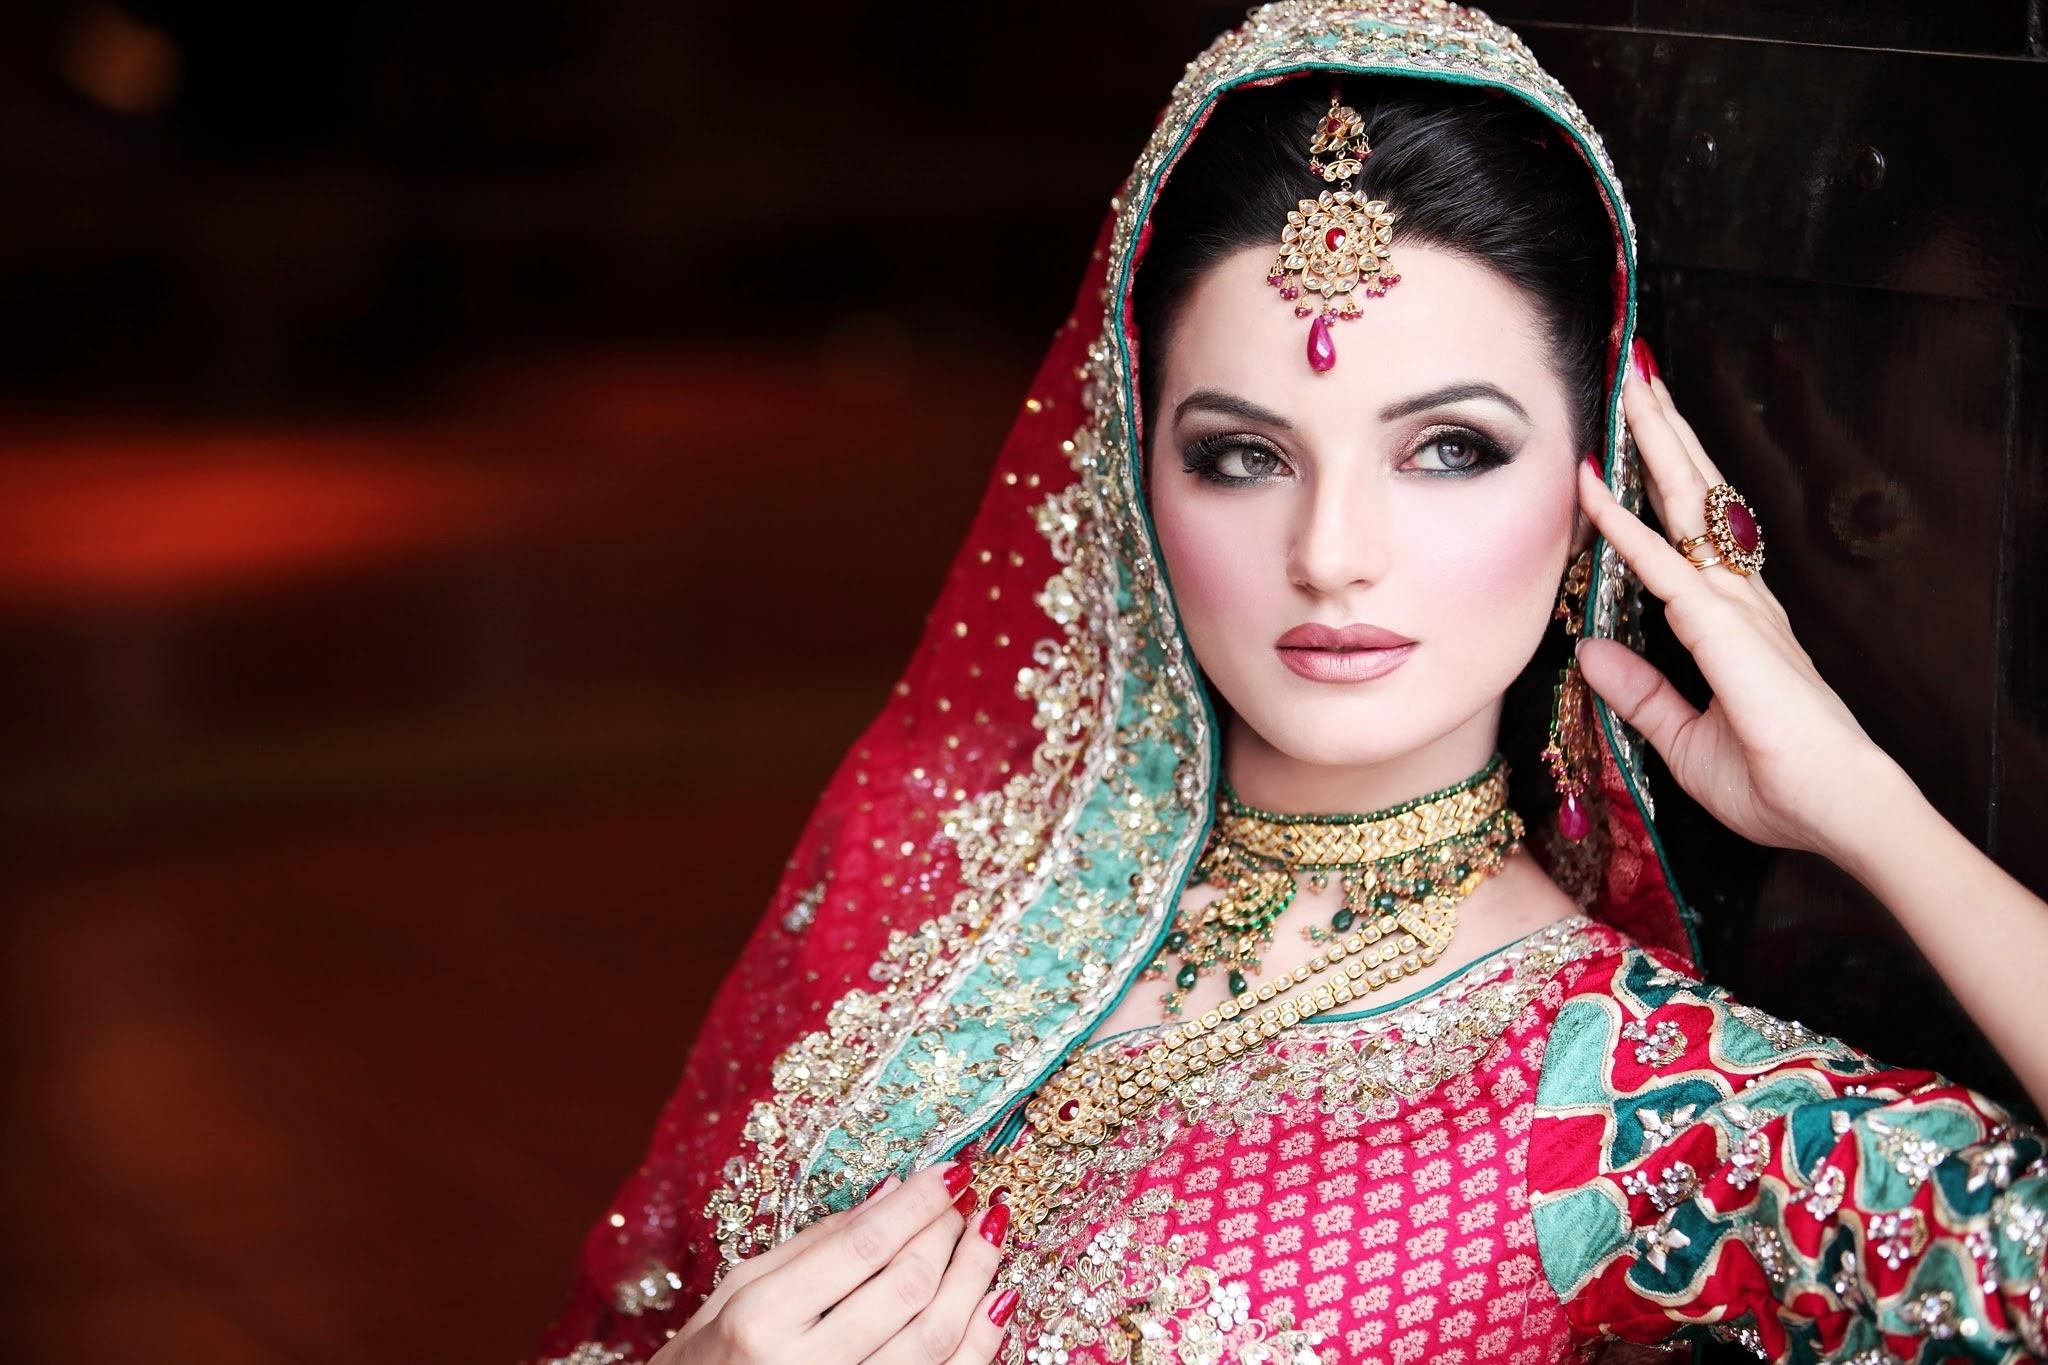 pakistani bridal makeup pics 2012 - wavy haircut